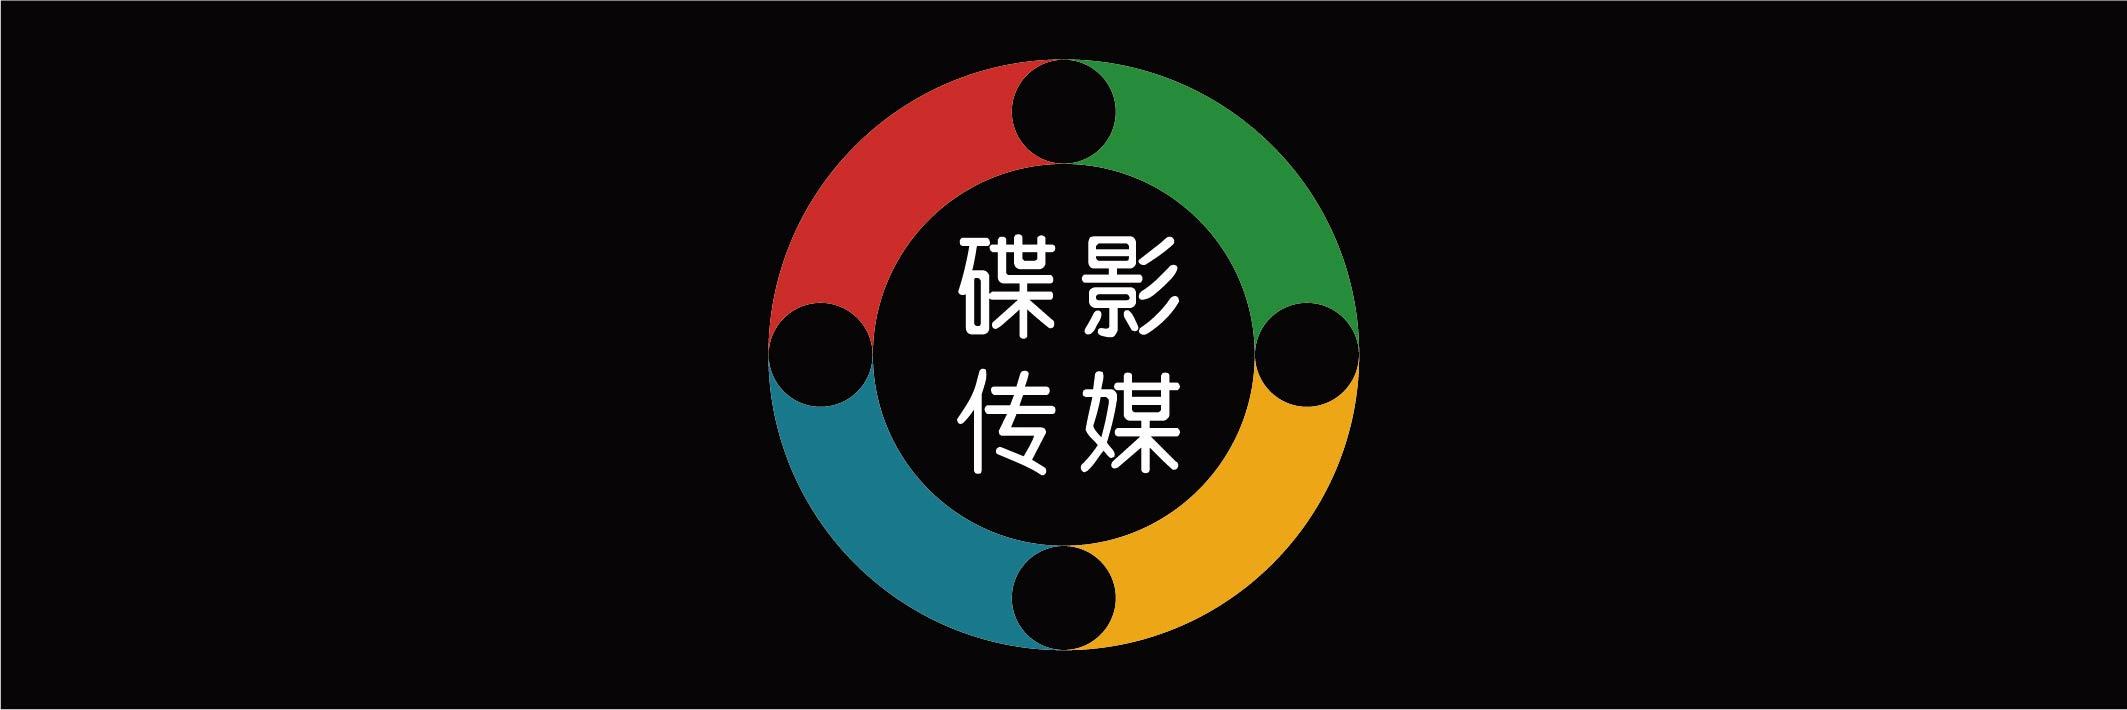 北京碟影文化传媒有限责任公司